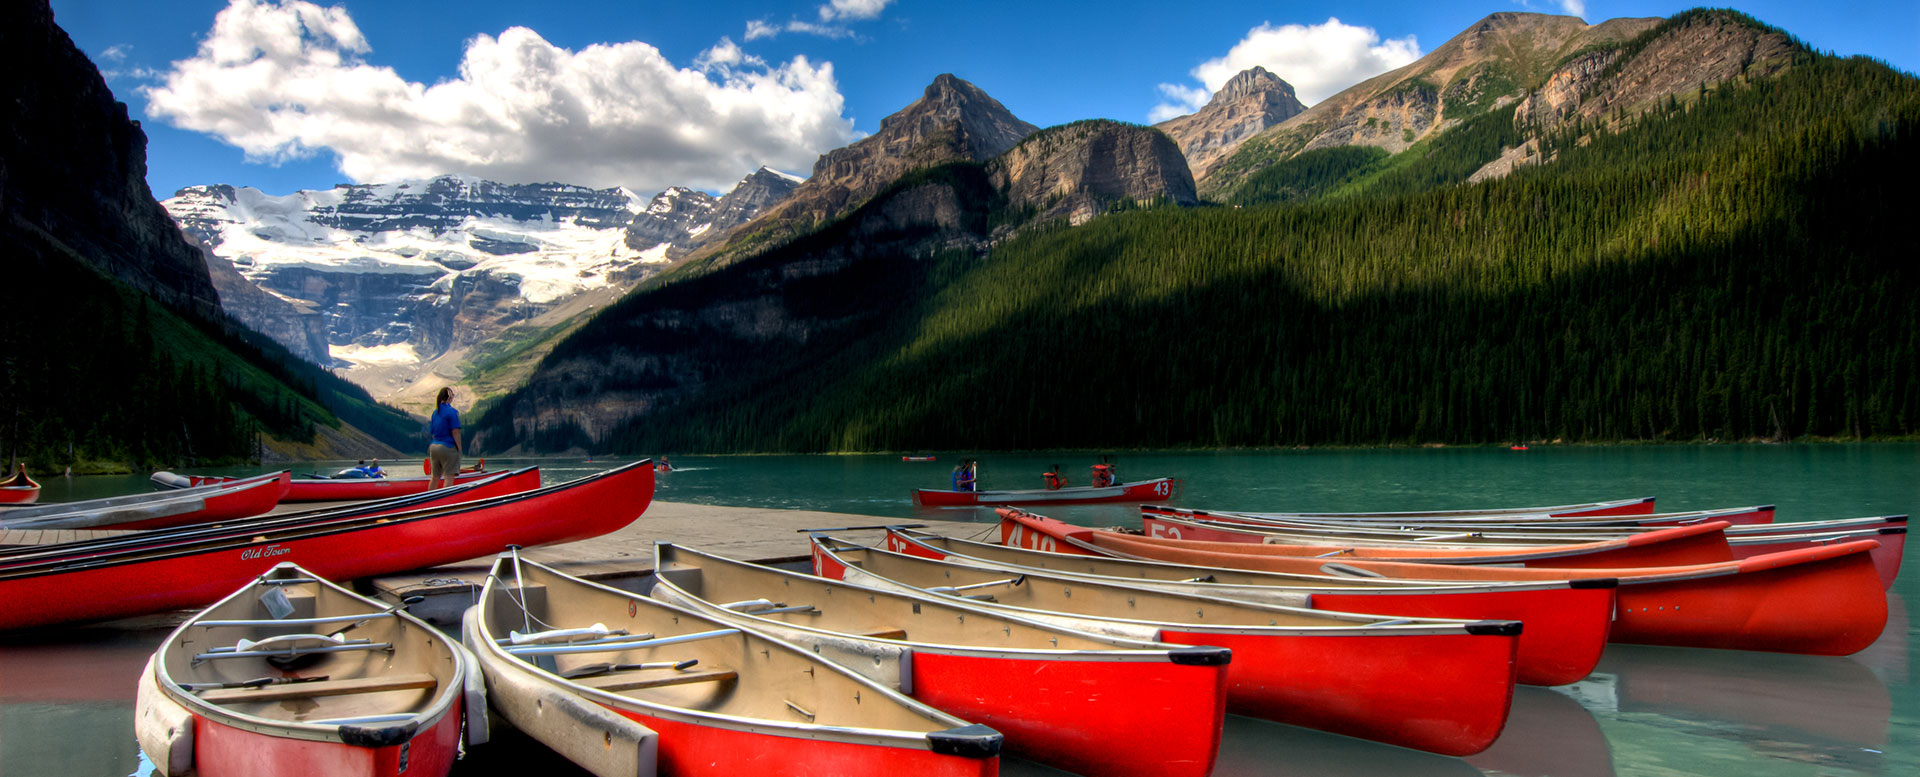 Kanada - Berge und Seen